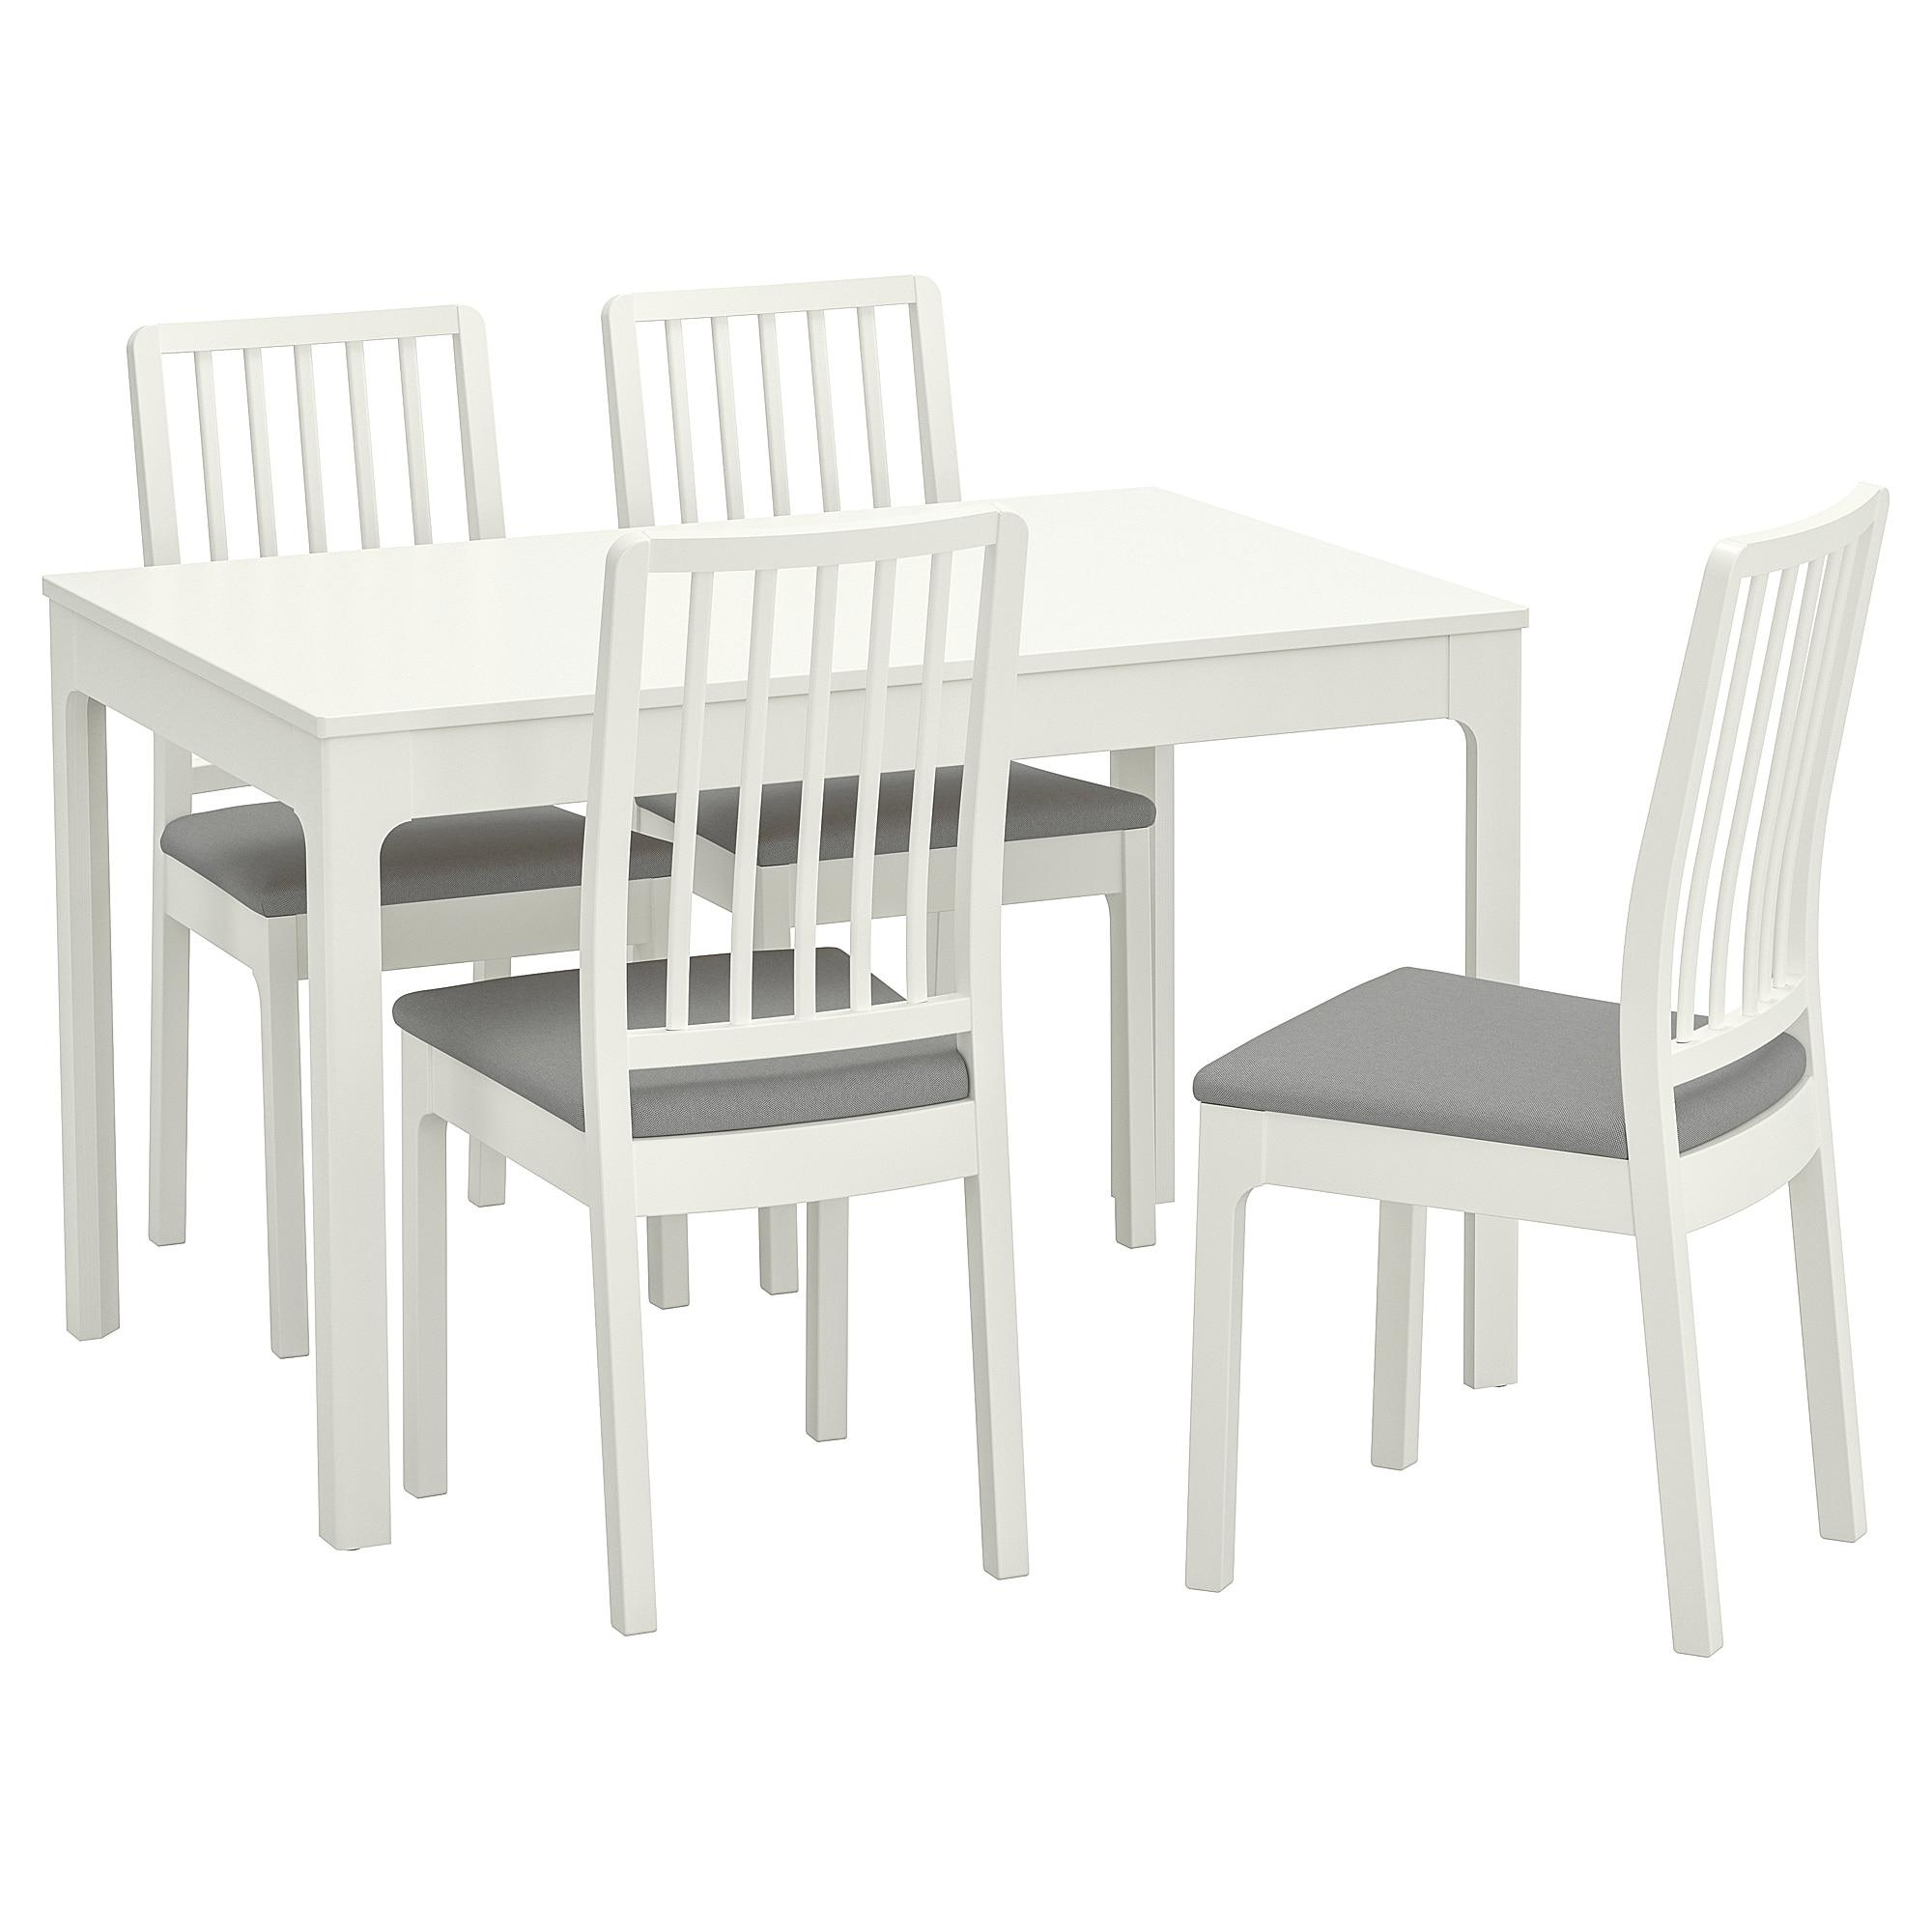 Conjunto Mesa Y Sillas Comedor Ikea 9ddf Conjuntos De Edor Mesas Y ...